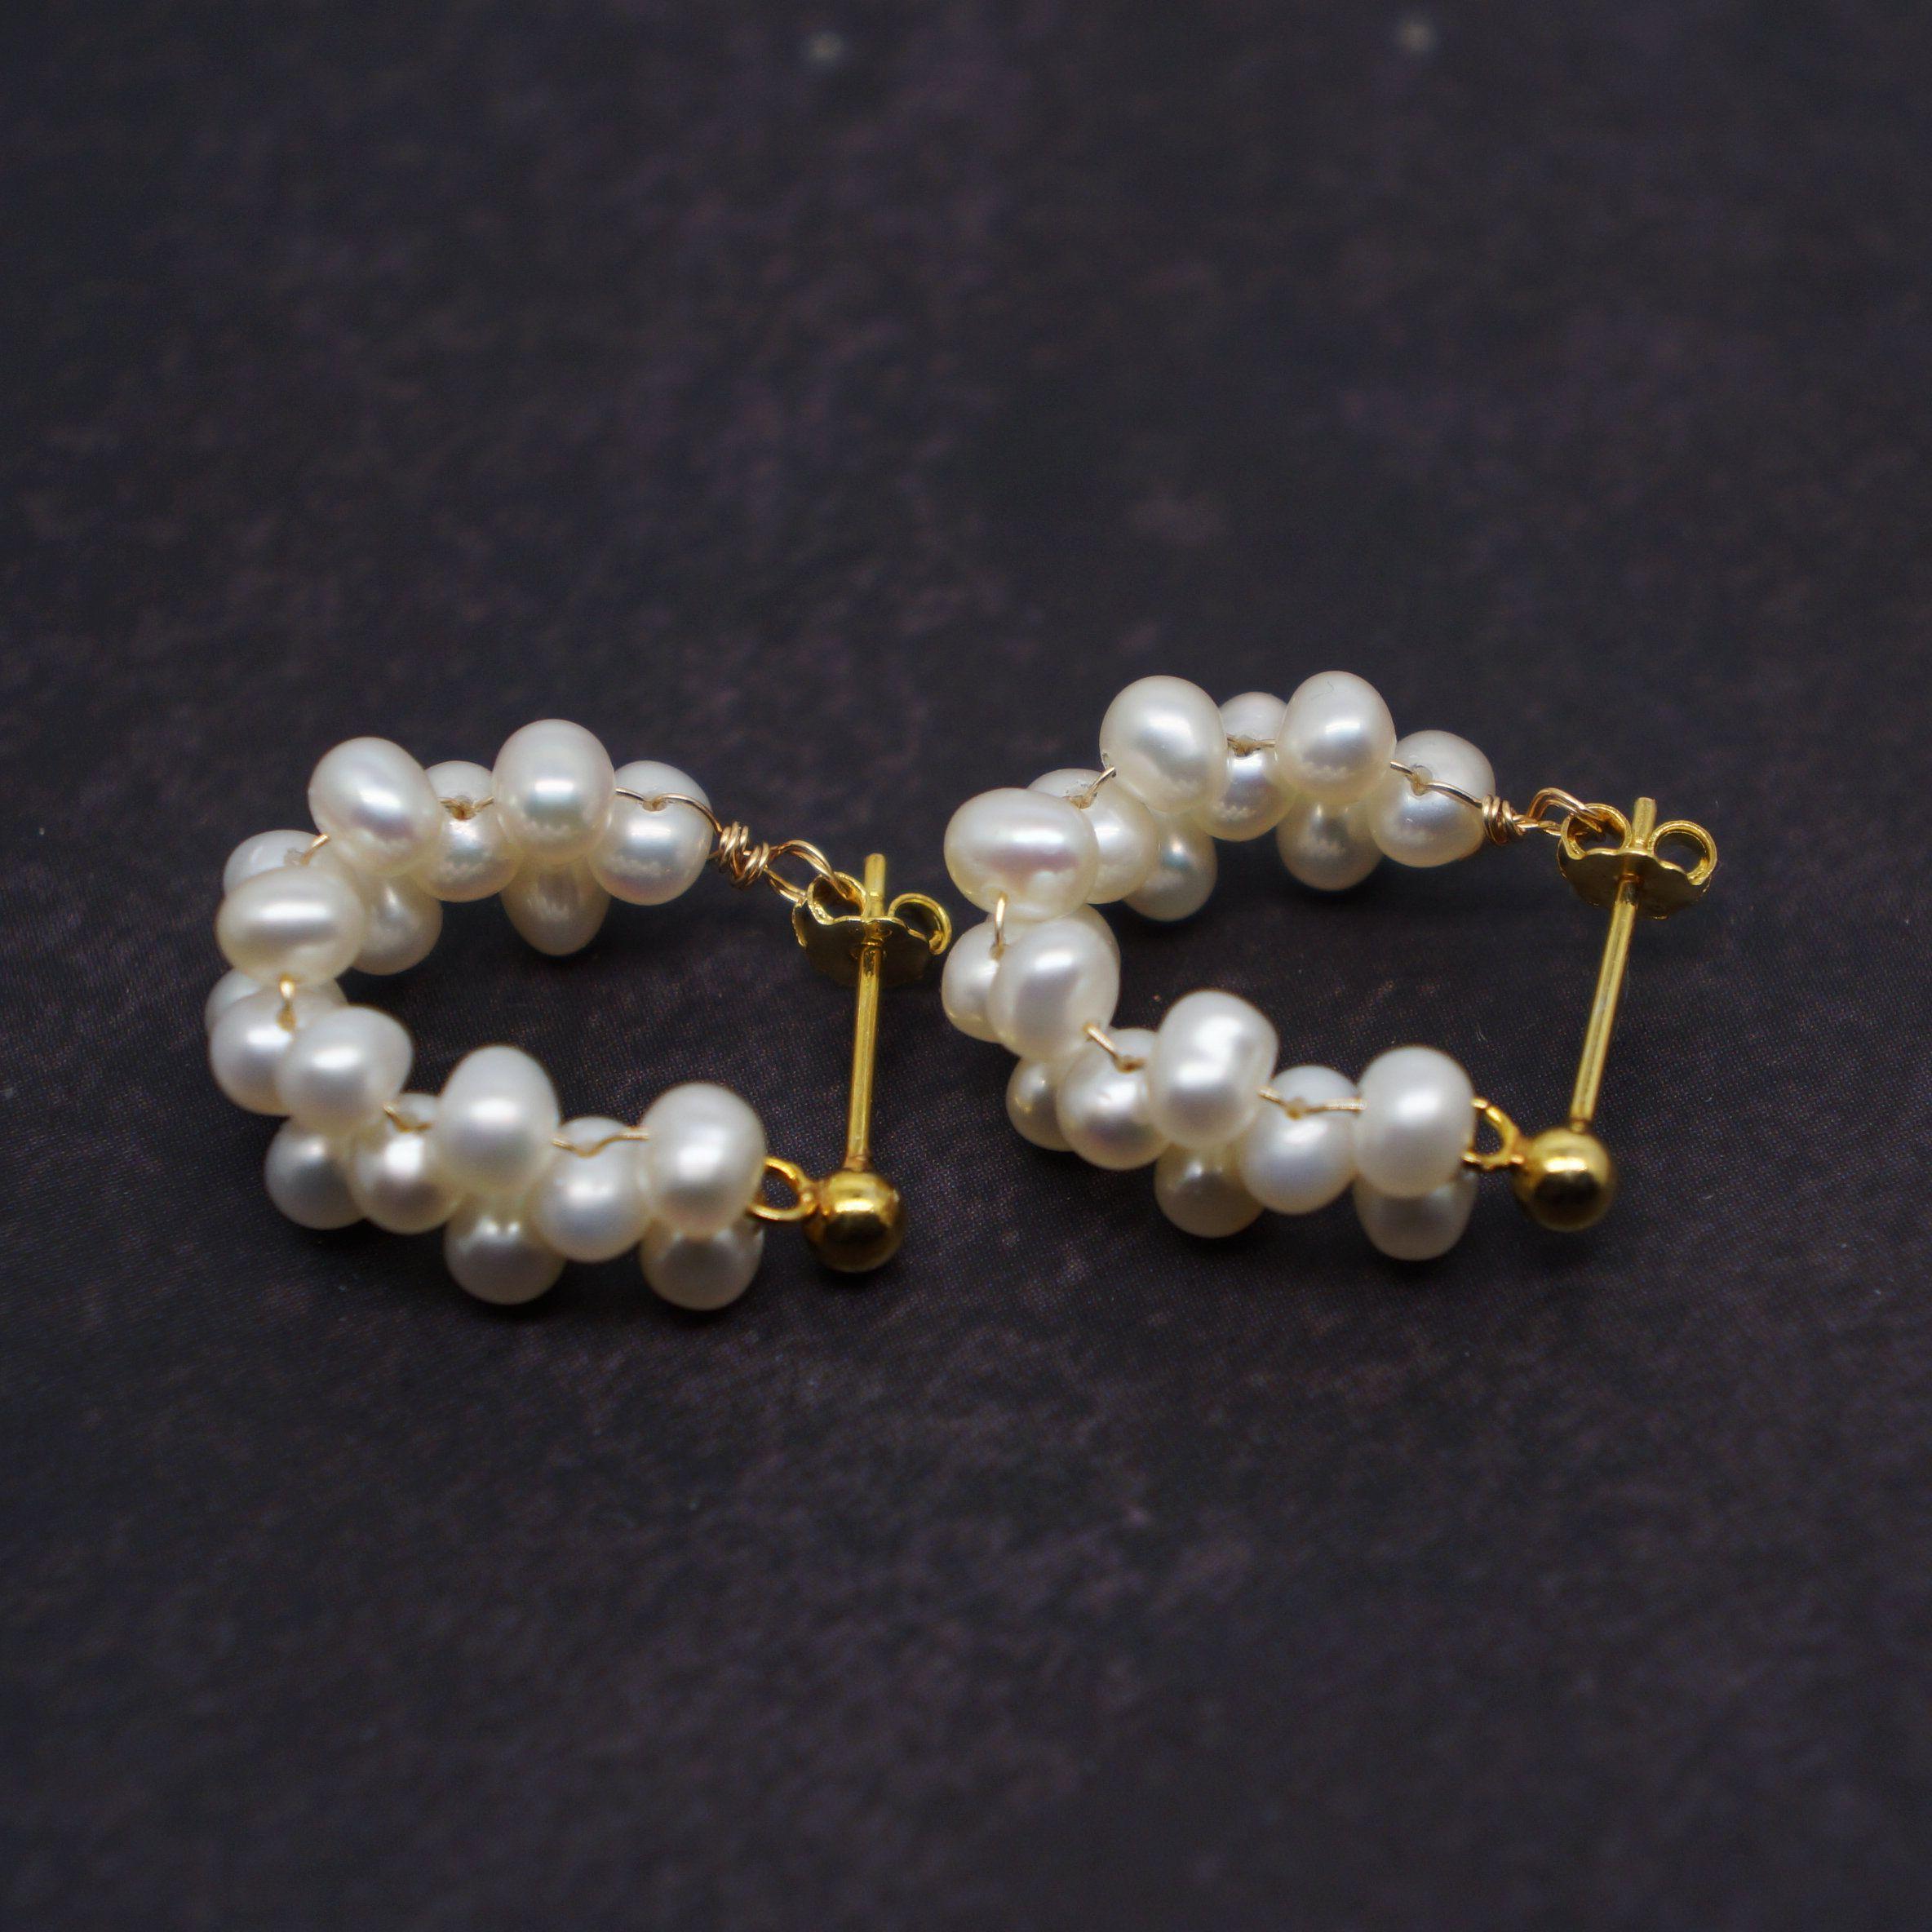 Cuentas de vidrio 130 unidades de 6 mm de color rosa Matt gefrostet óptica perlas joyas 174